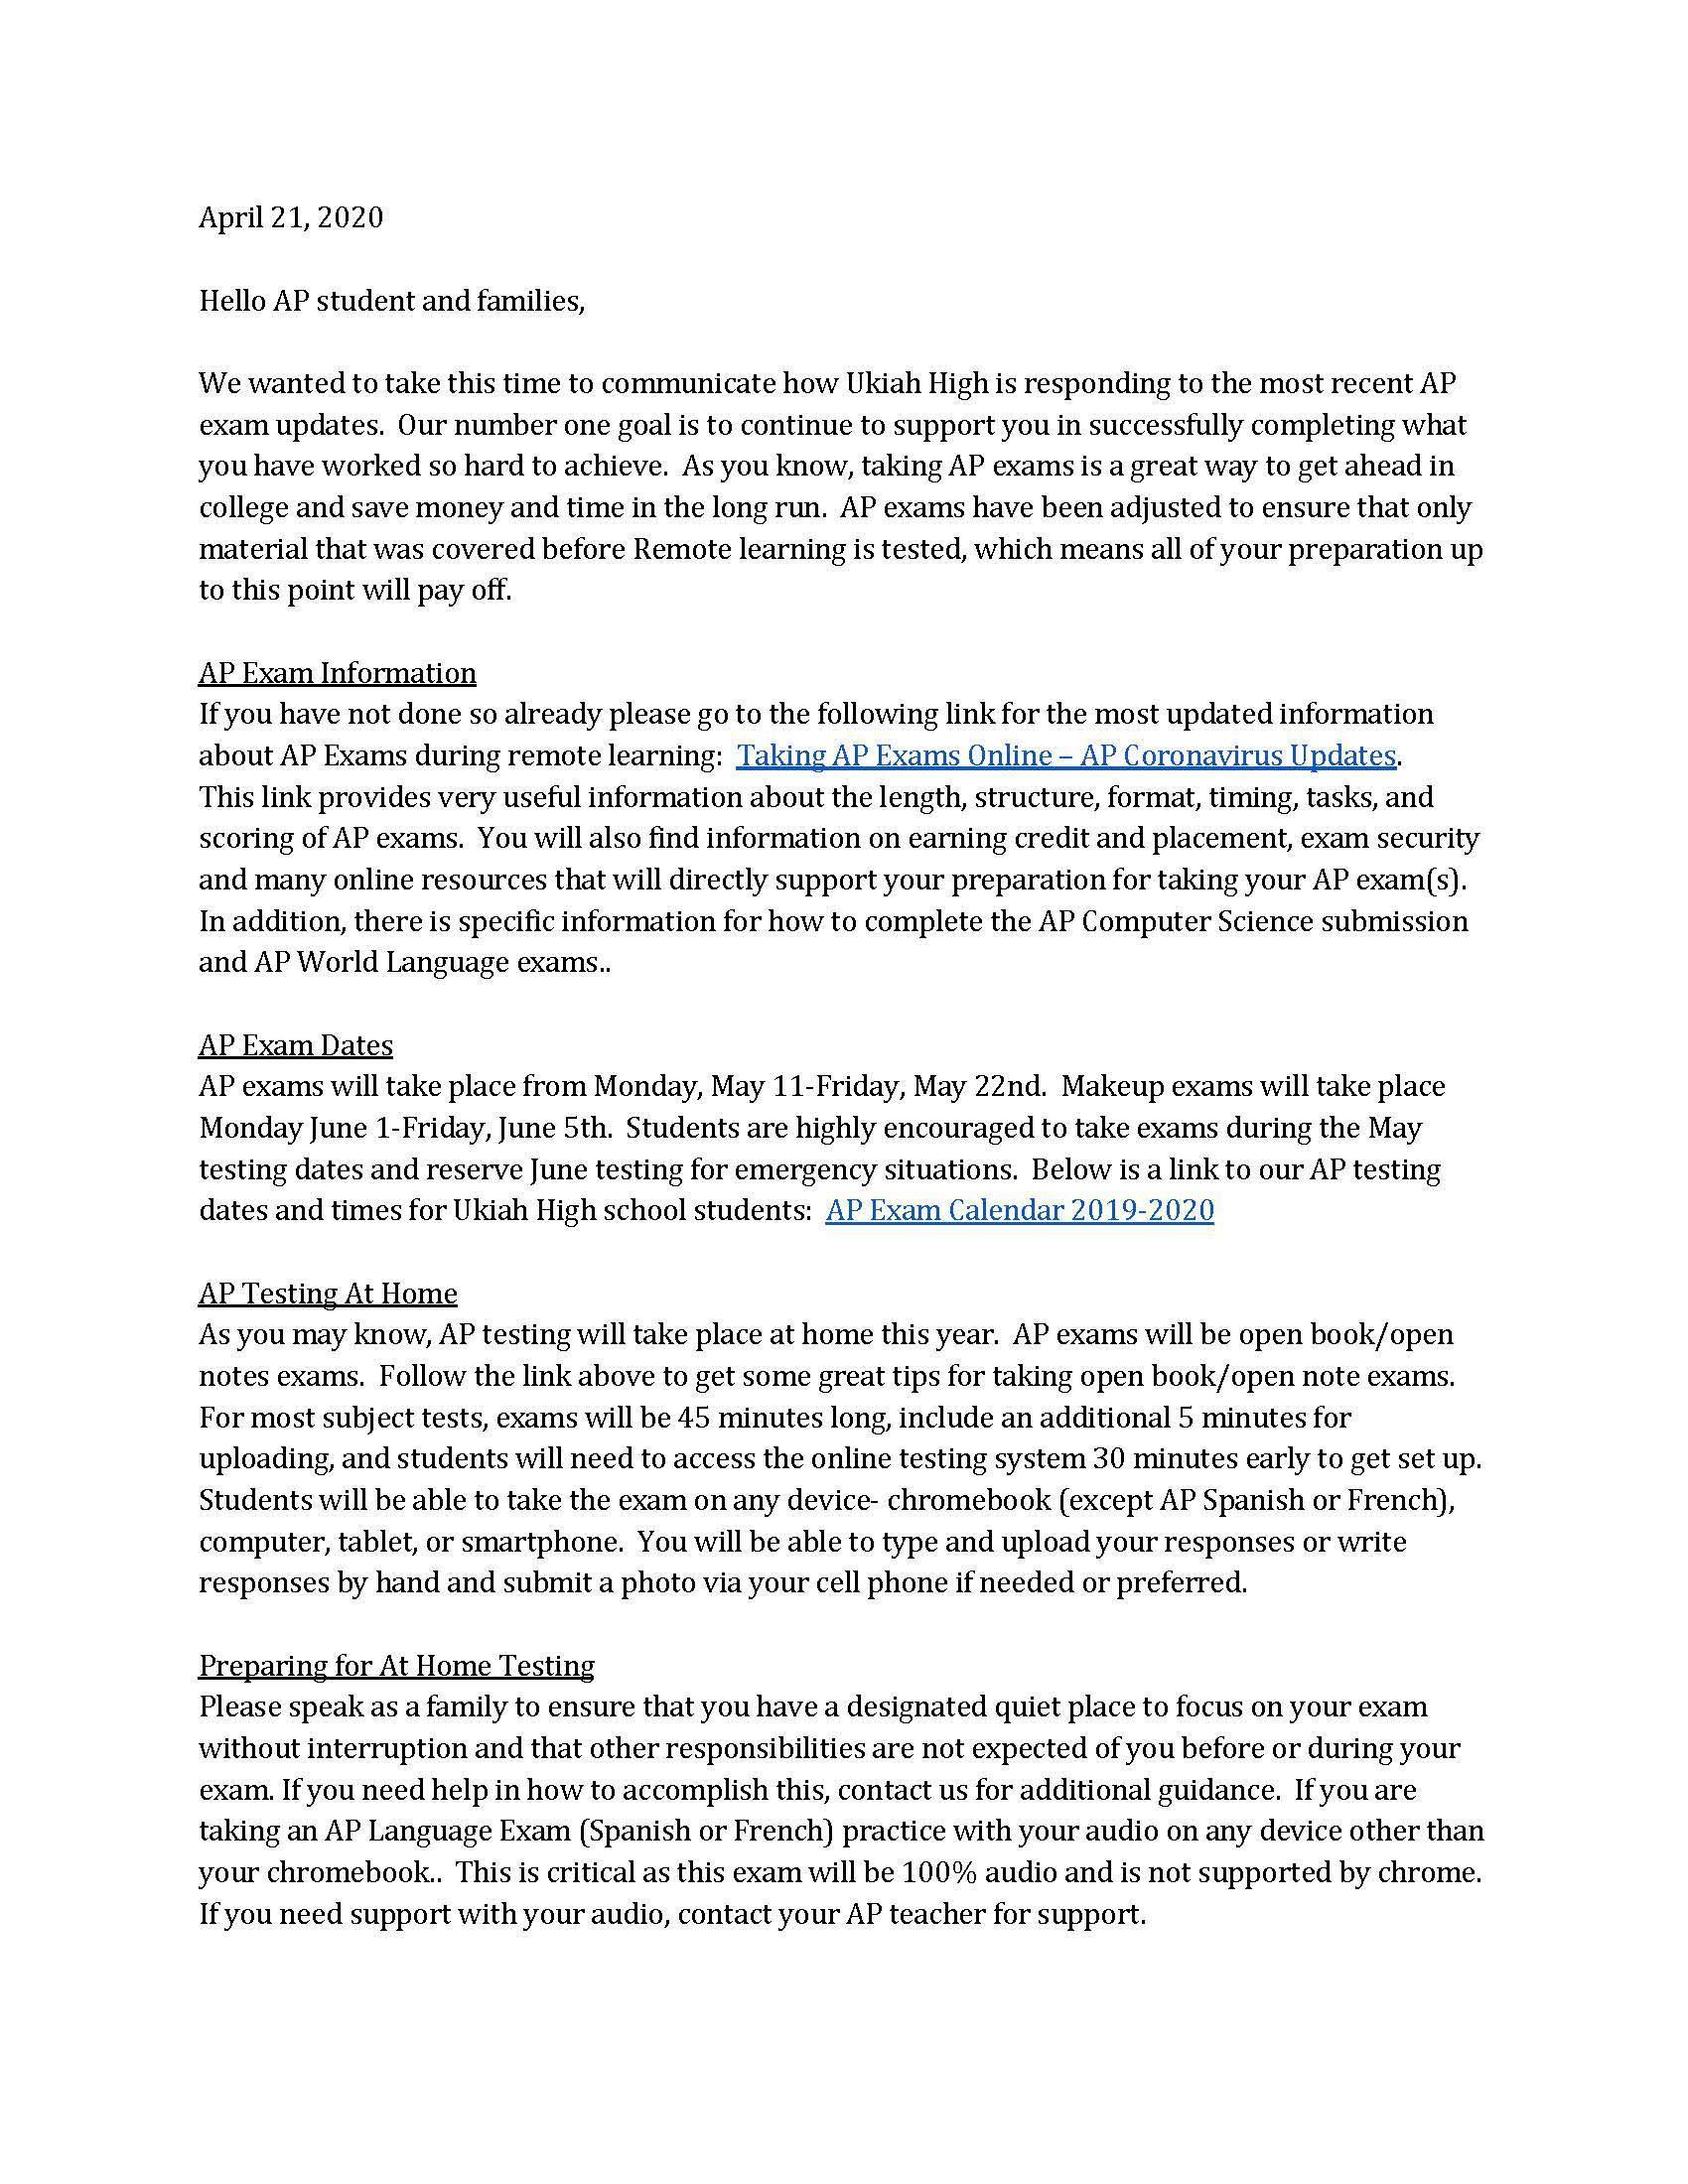 AP Testing info